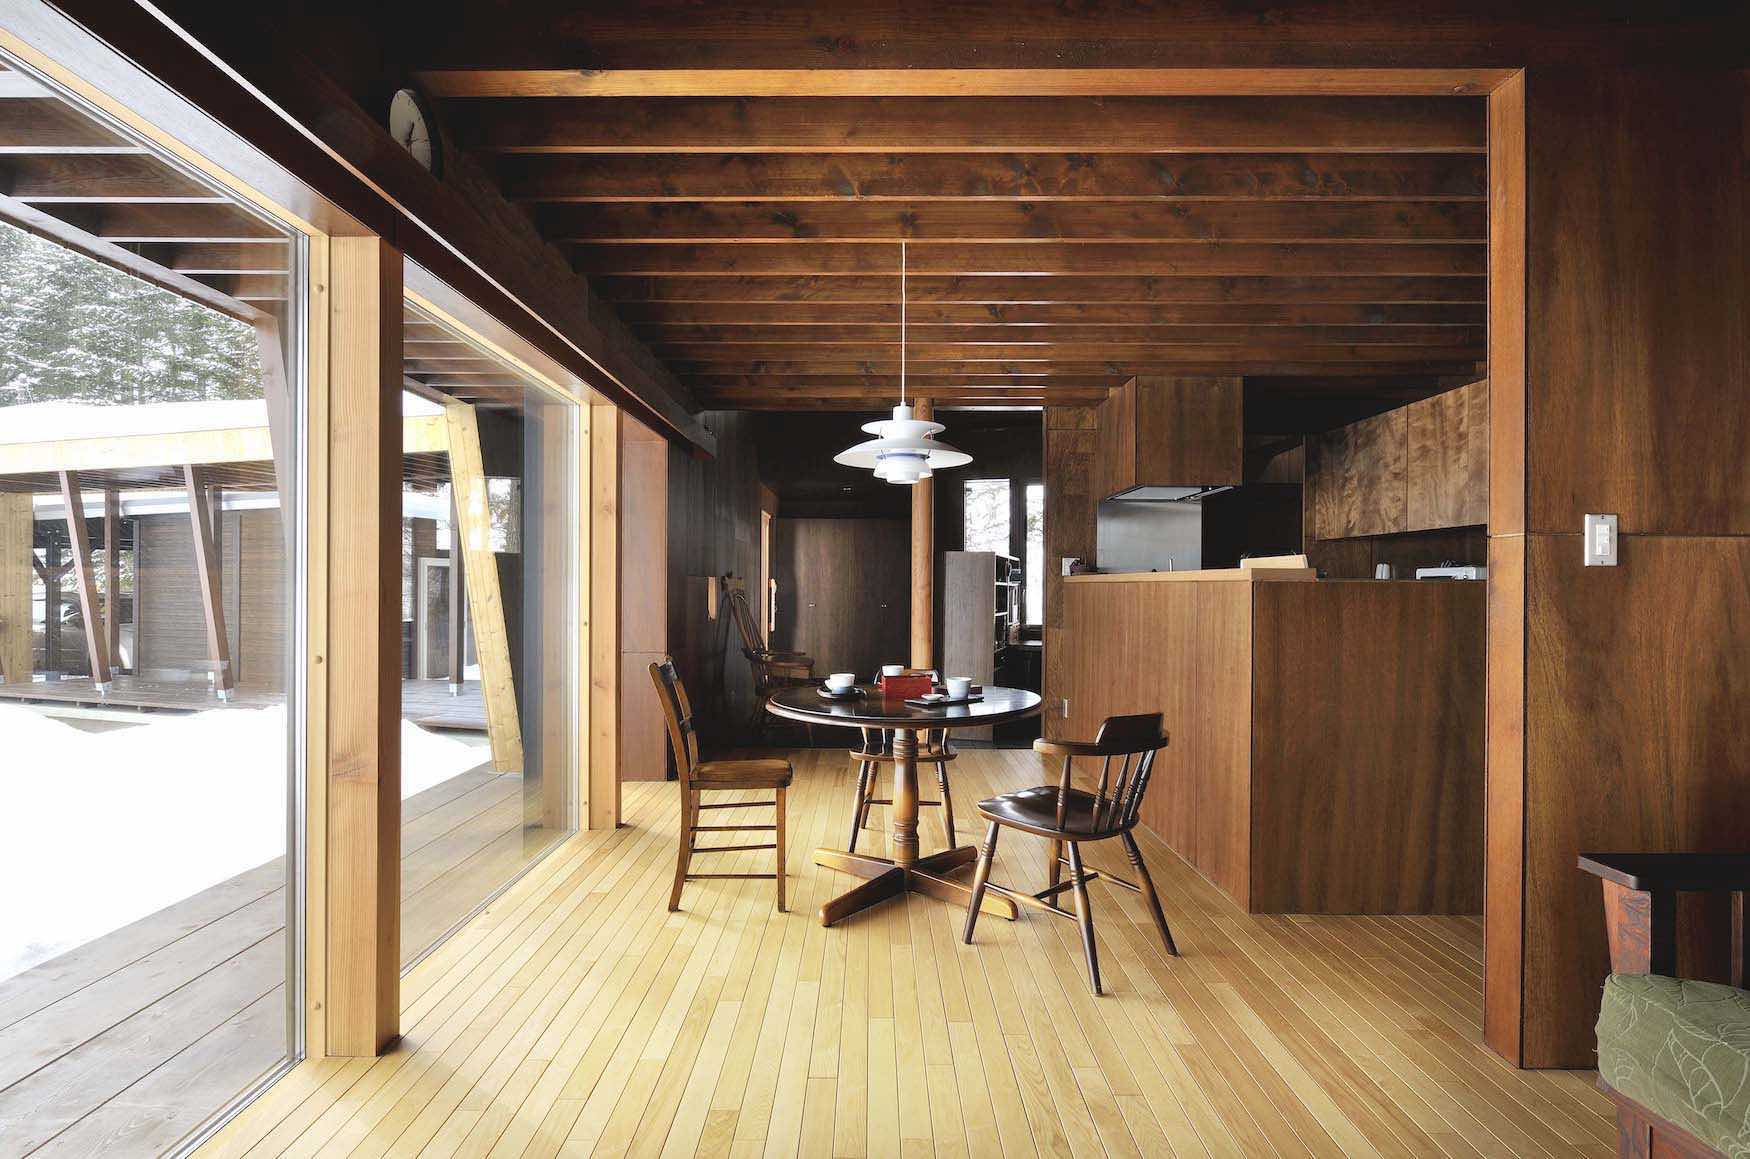 丘の家/北海道のリビング【照井康穂建築設計事務所】